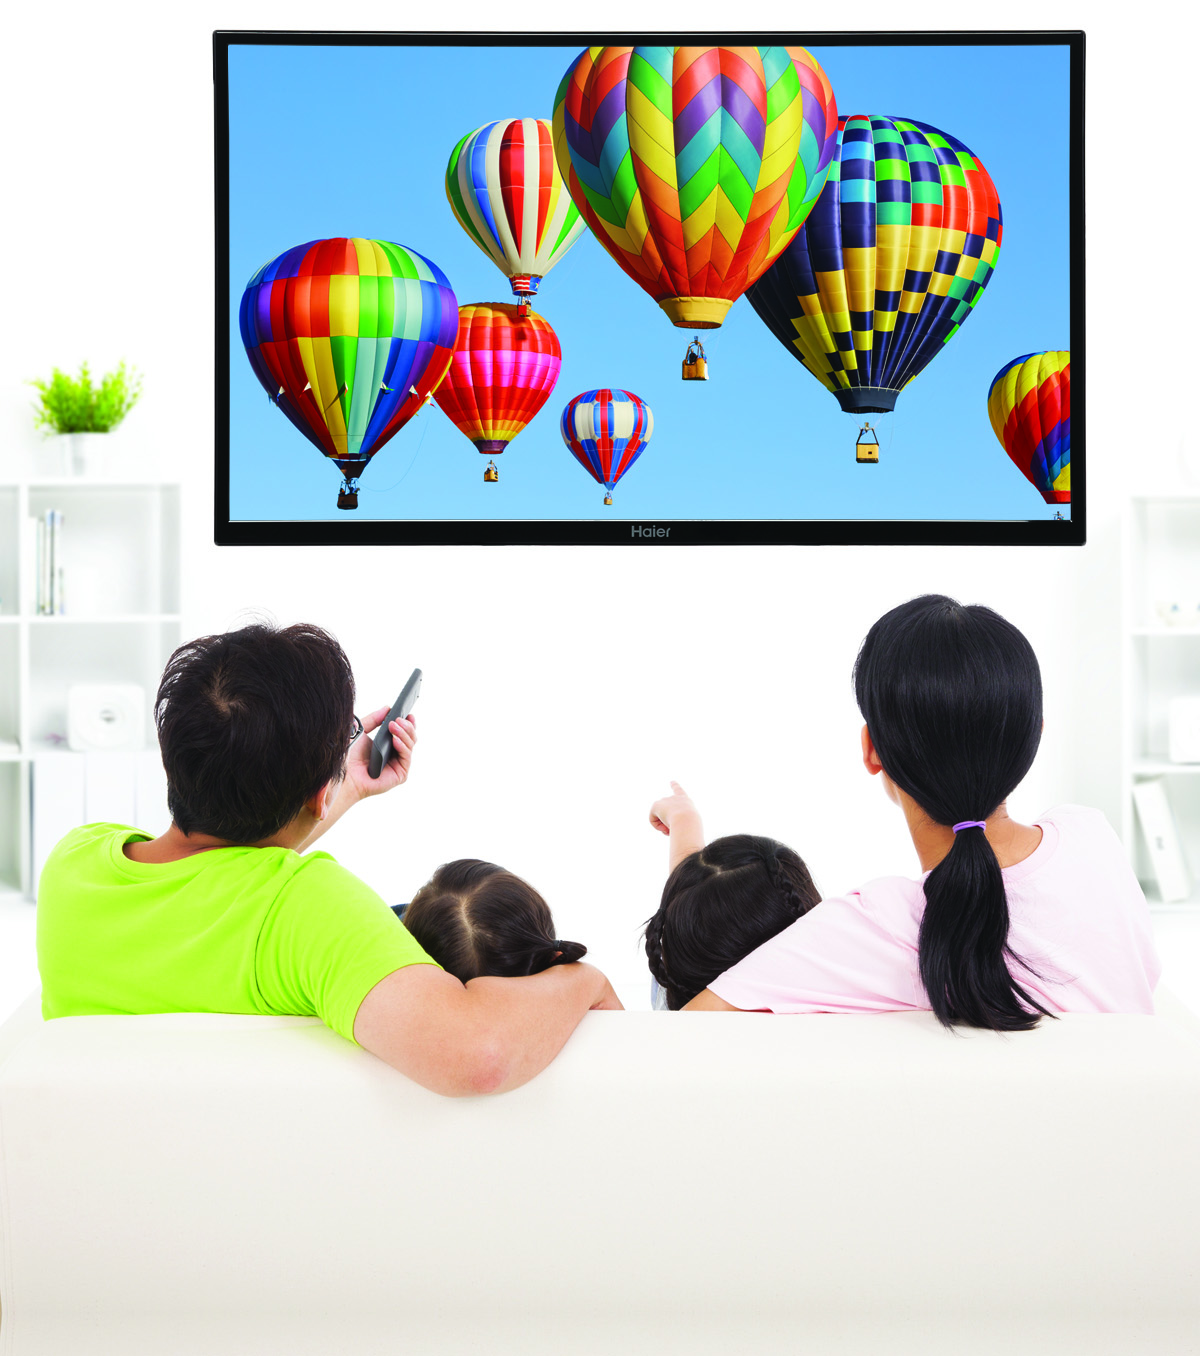 Haier TV